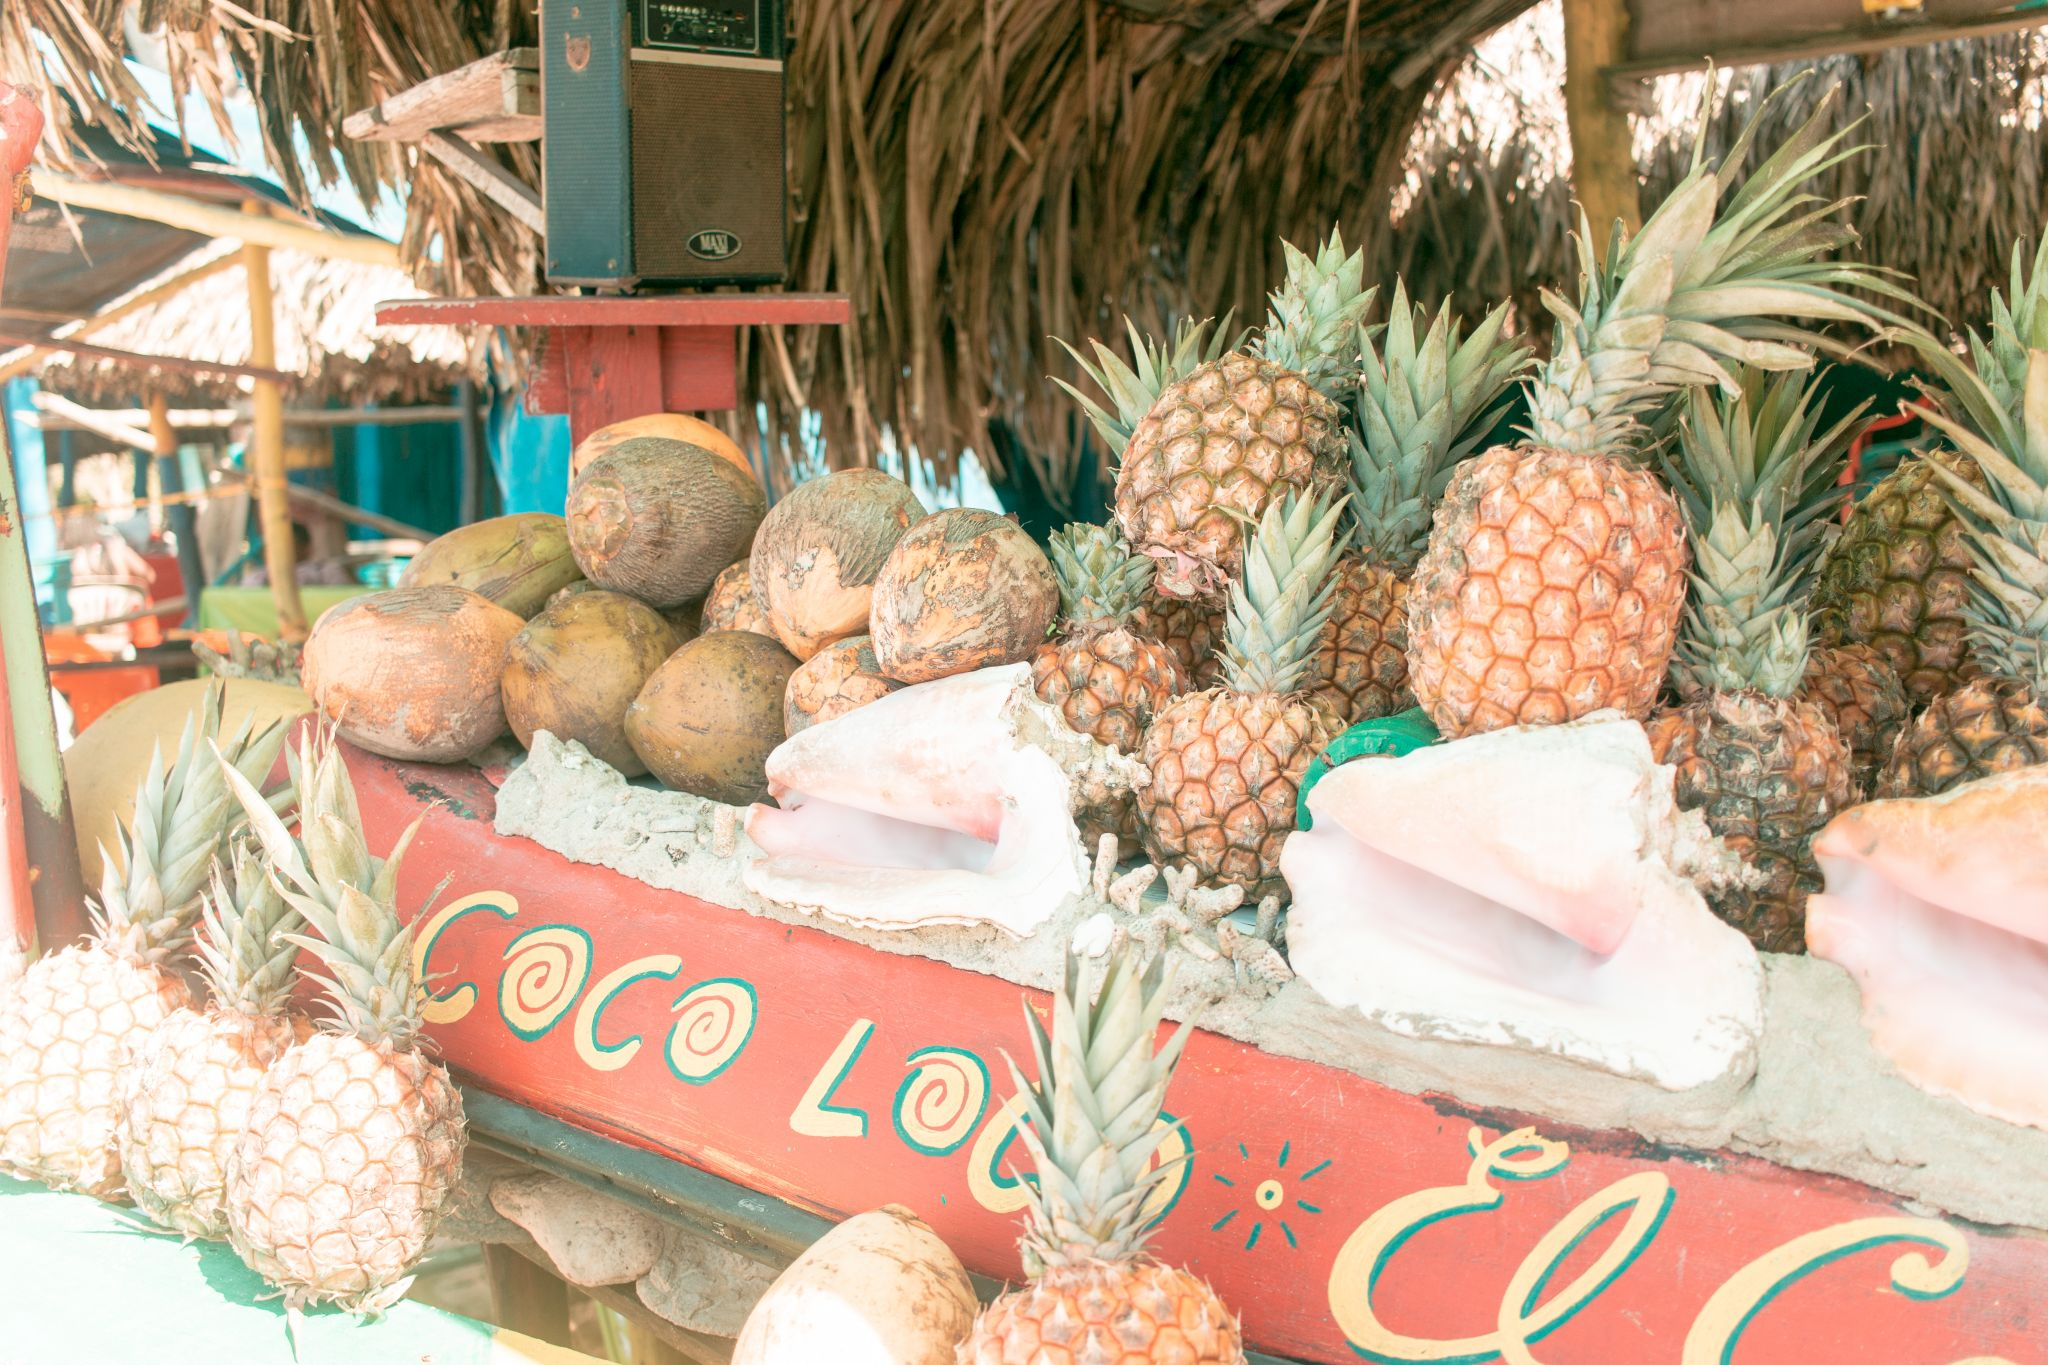 Cartagena Travel Guide Colombia Islas de Rosario Playa Blanca coconuts pineapples